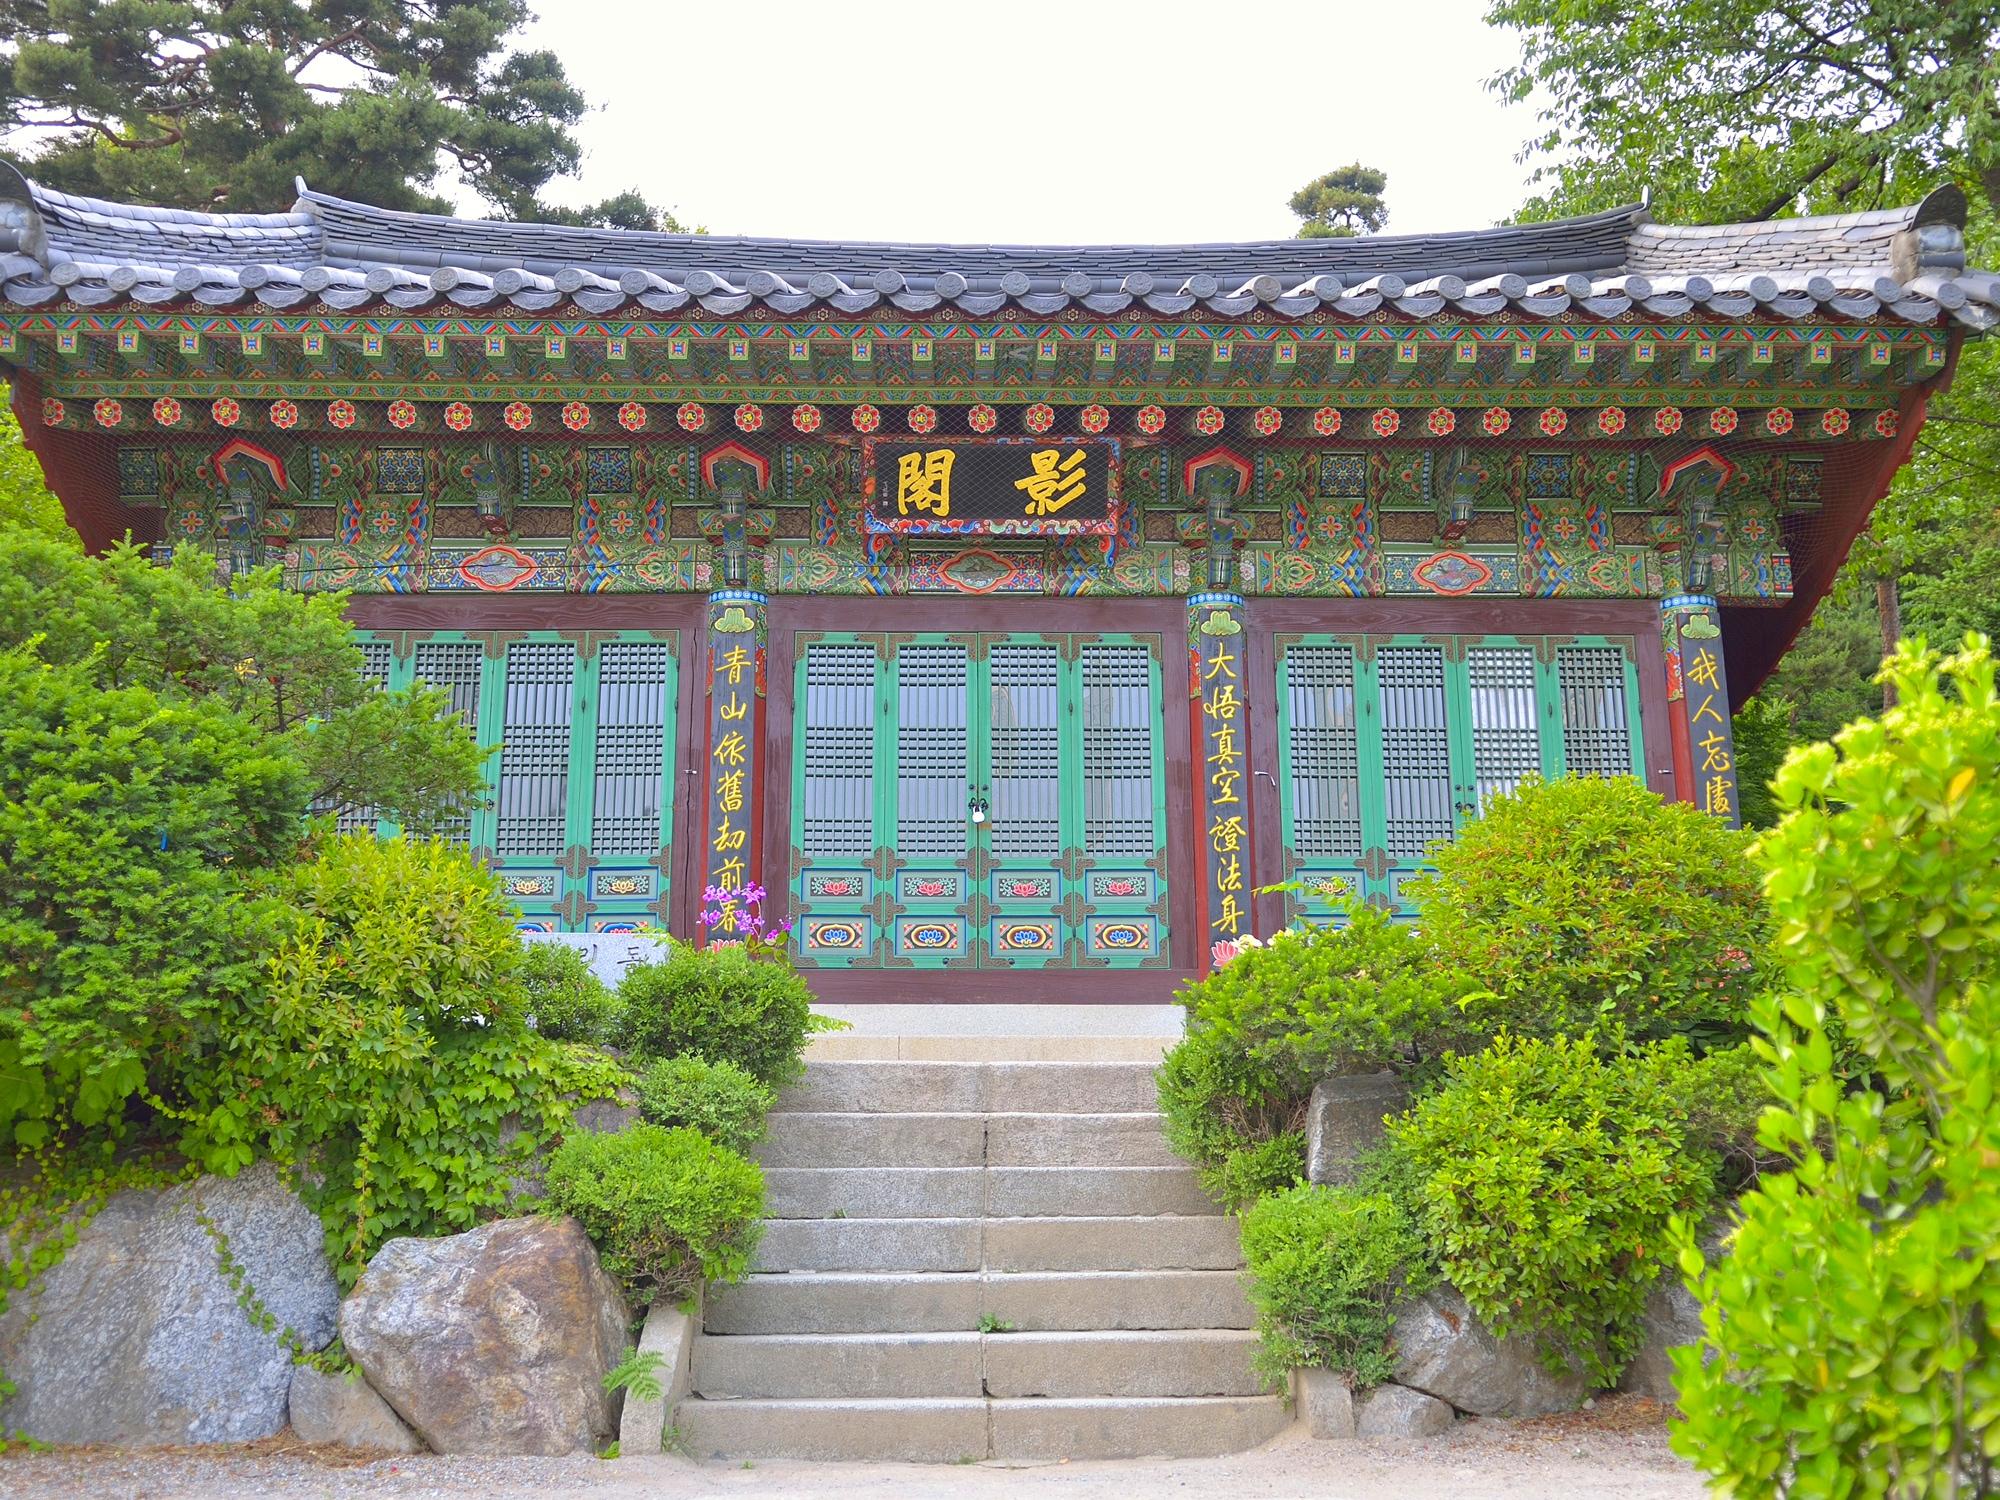 Corée du Sud : Immersion au pays du matin calme